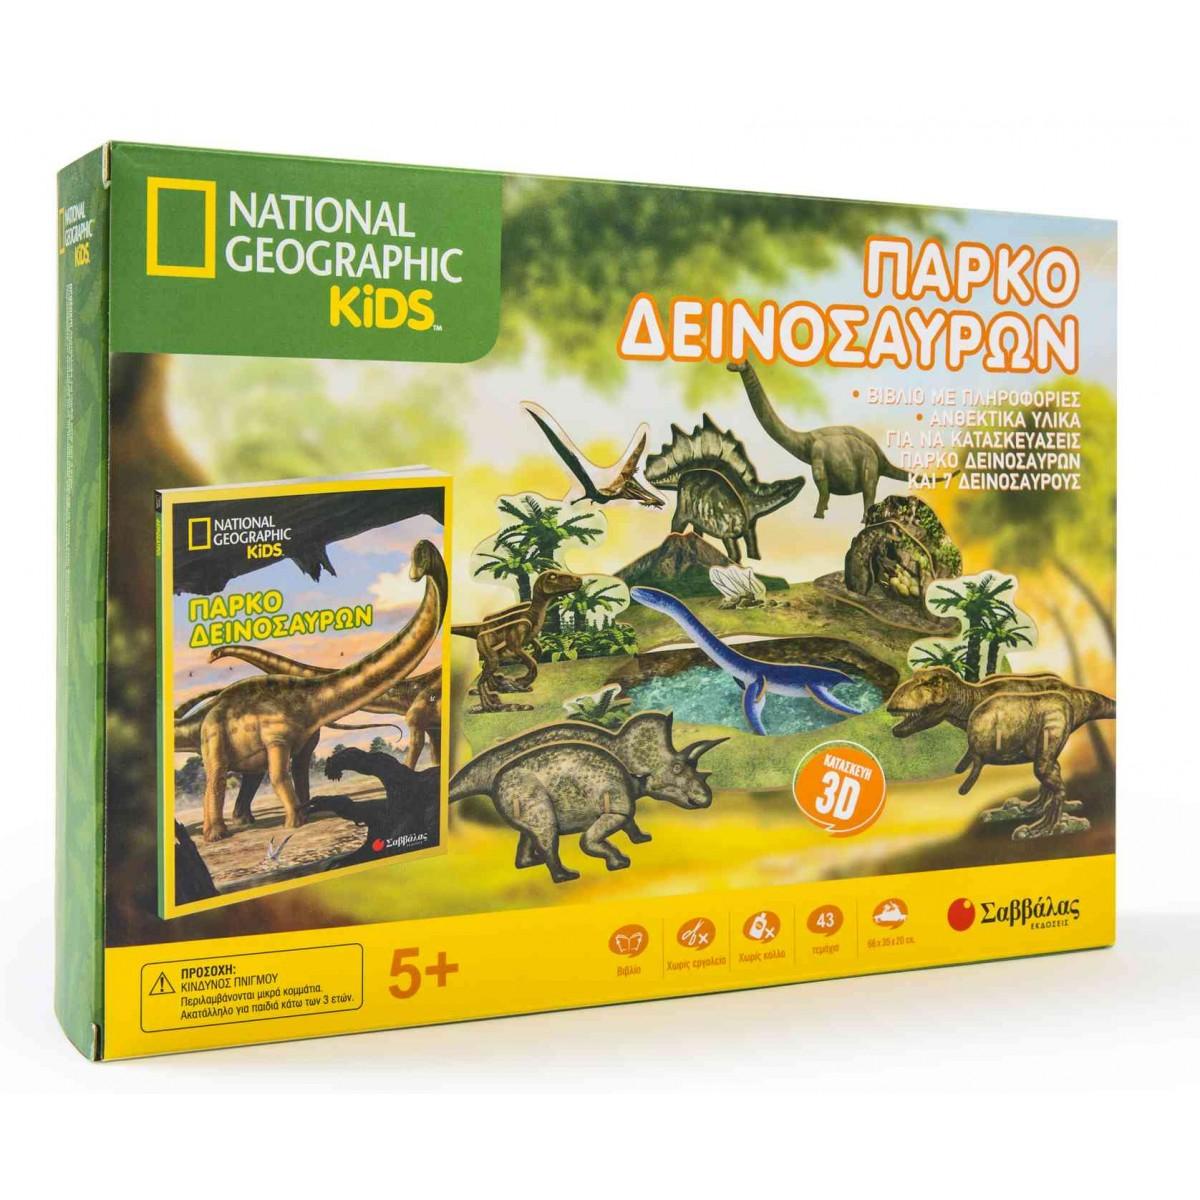 National Geographic Πάρκο Δεινοσαύρων Βιβλίο και Τρισδιάστατες Κατασκευές